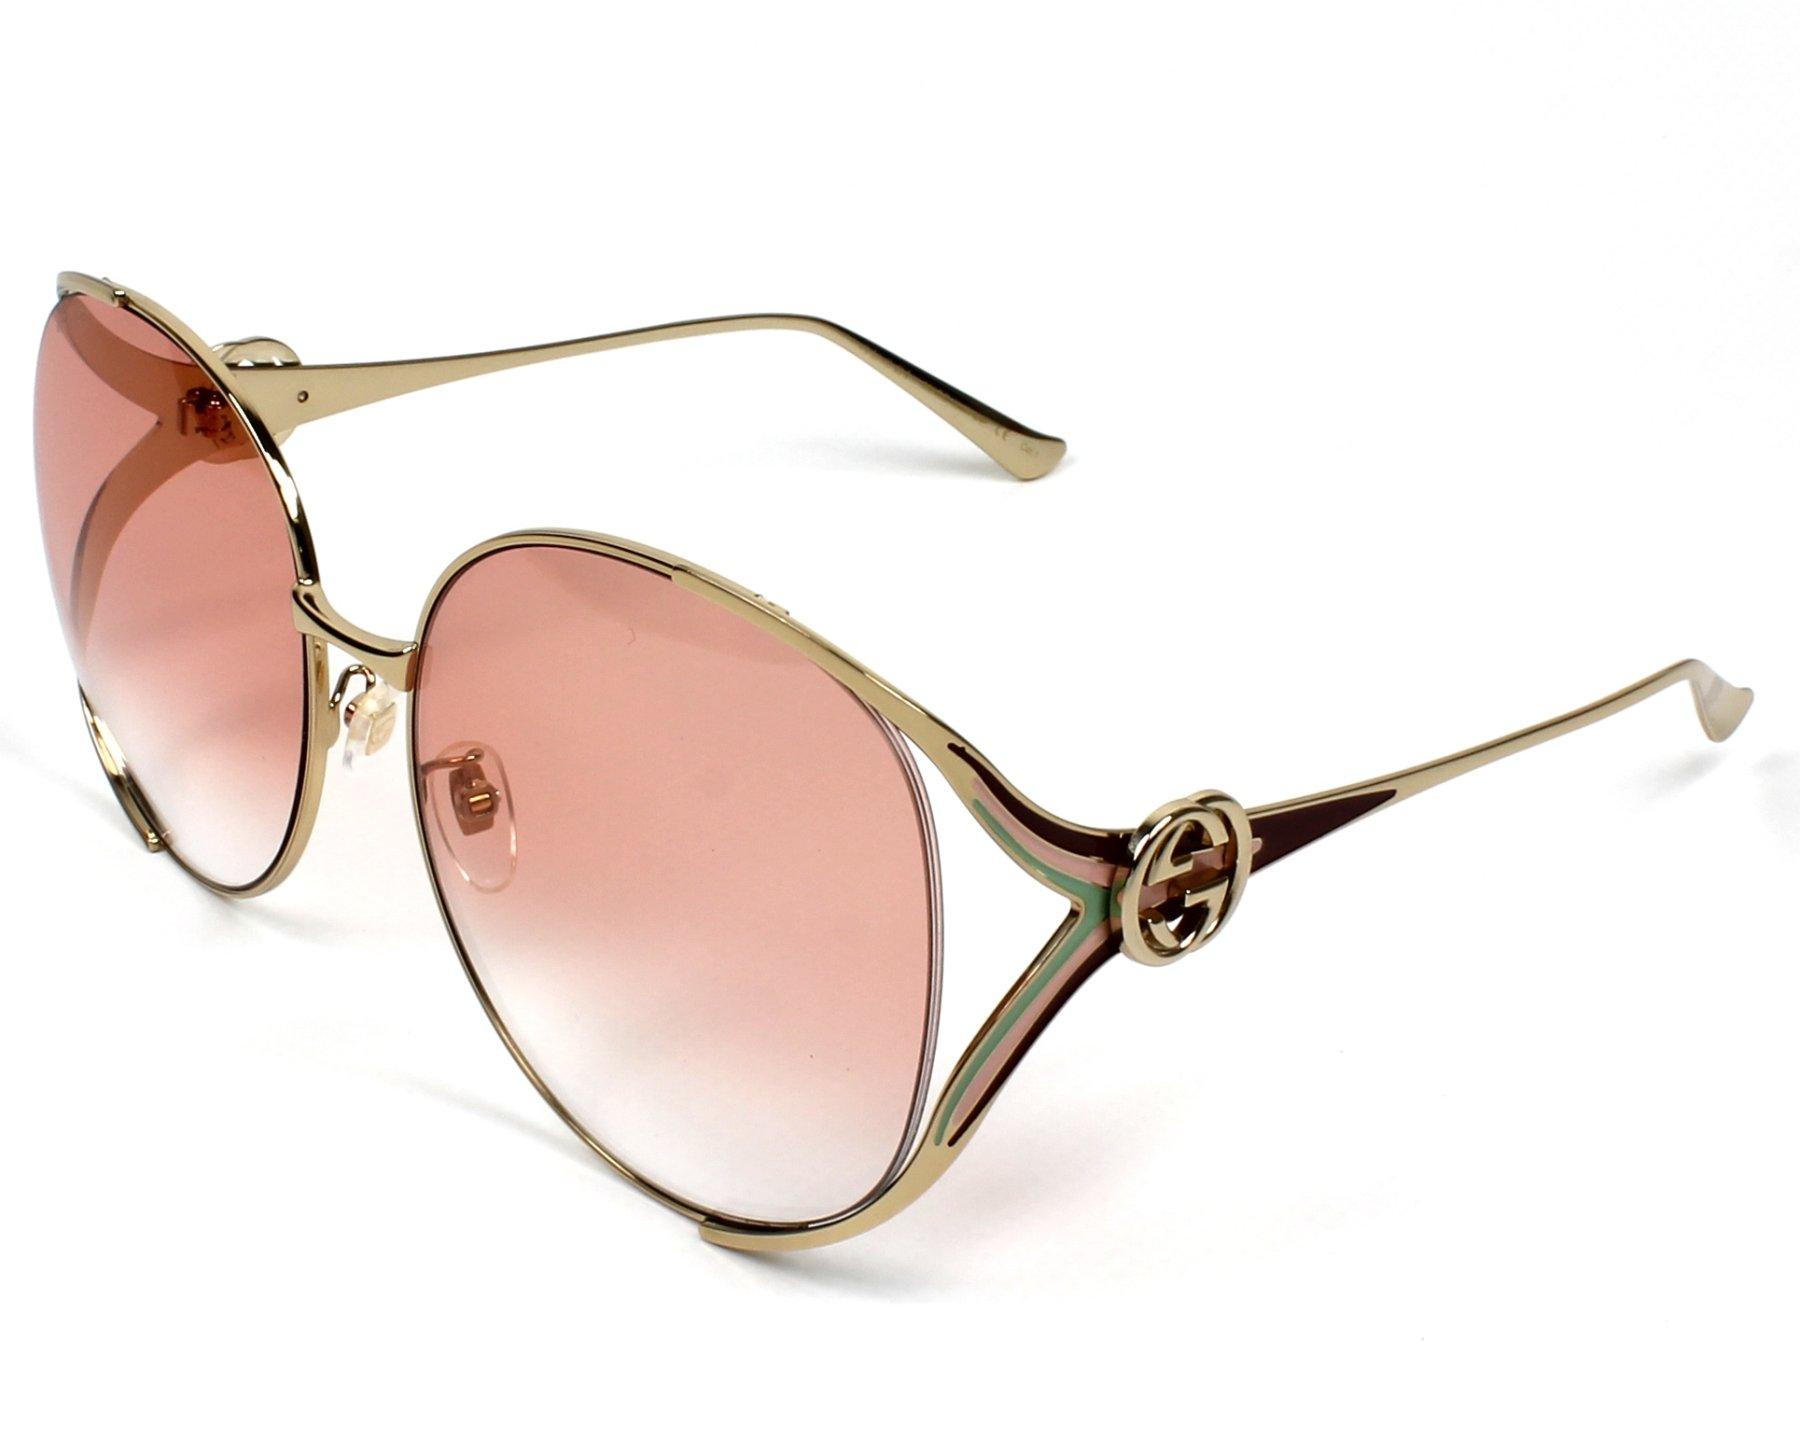 Gucci Sunglasses Gg 0225 S 005 Gold Visio Net Com